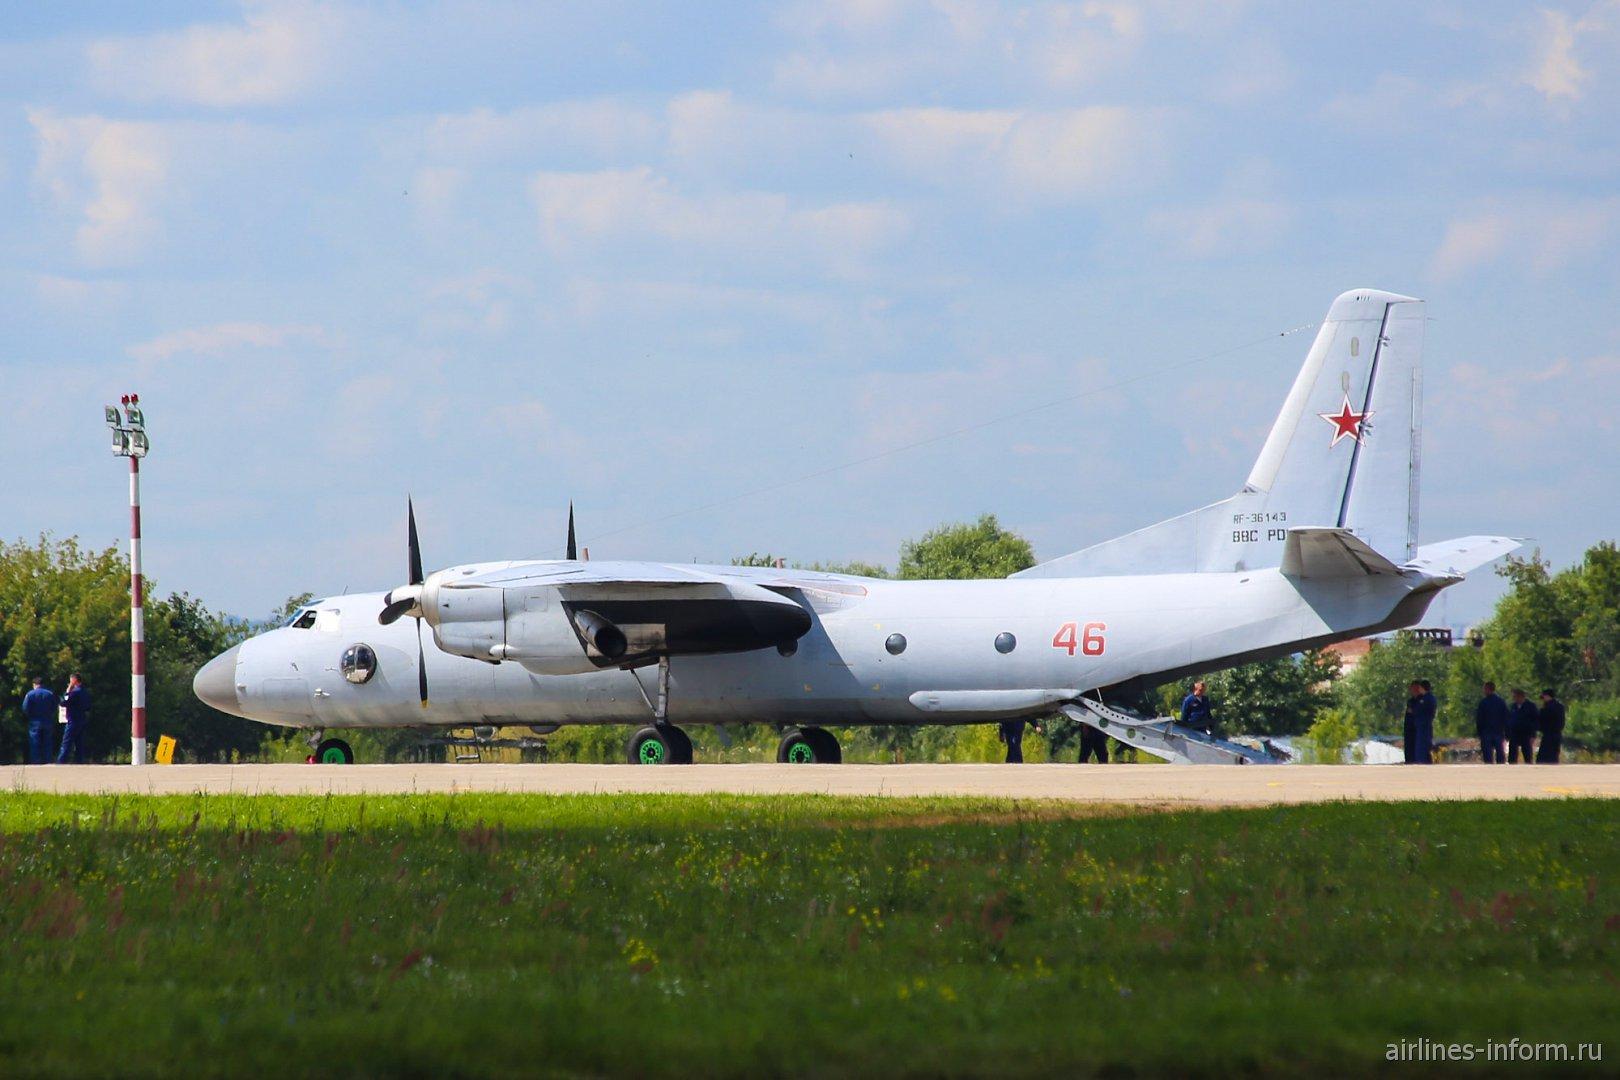 Самолет Ан-26 ВВС России в аэропорту Жуковский